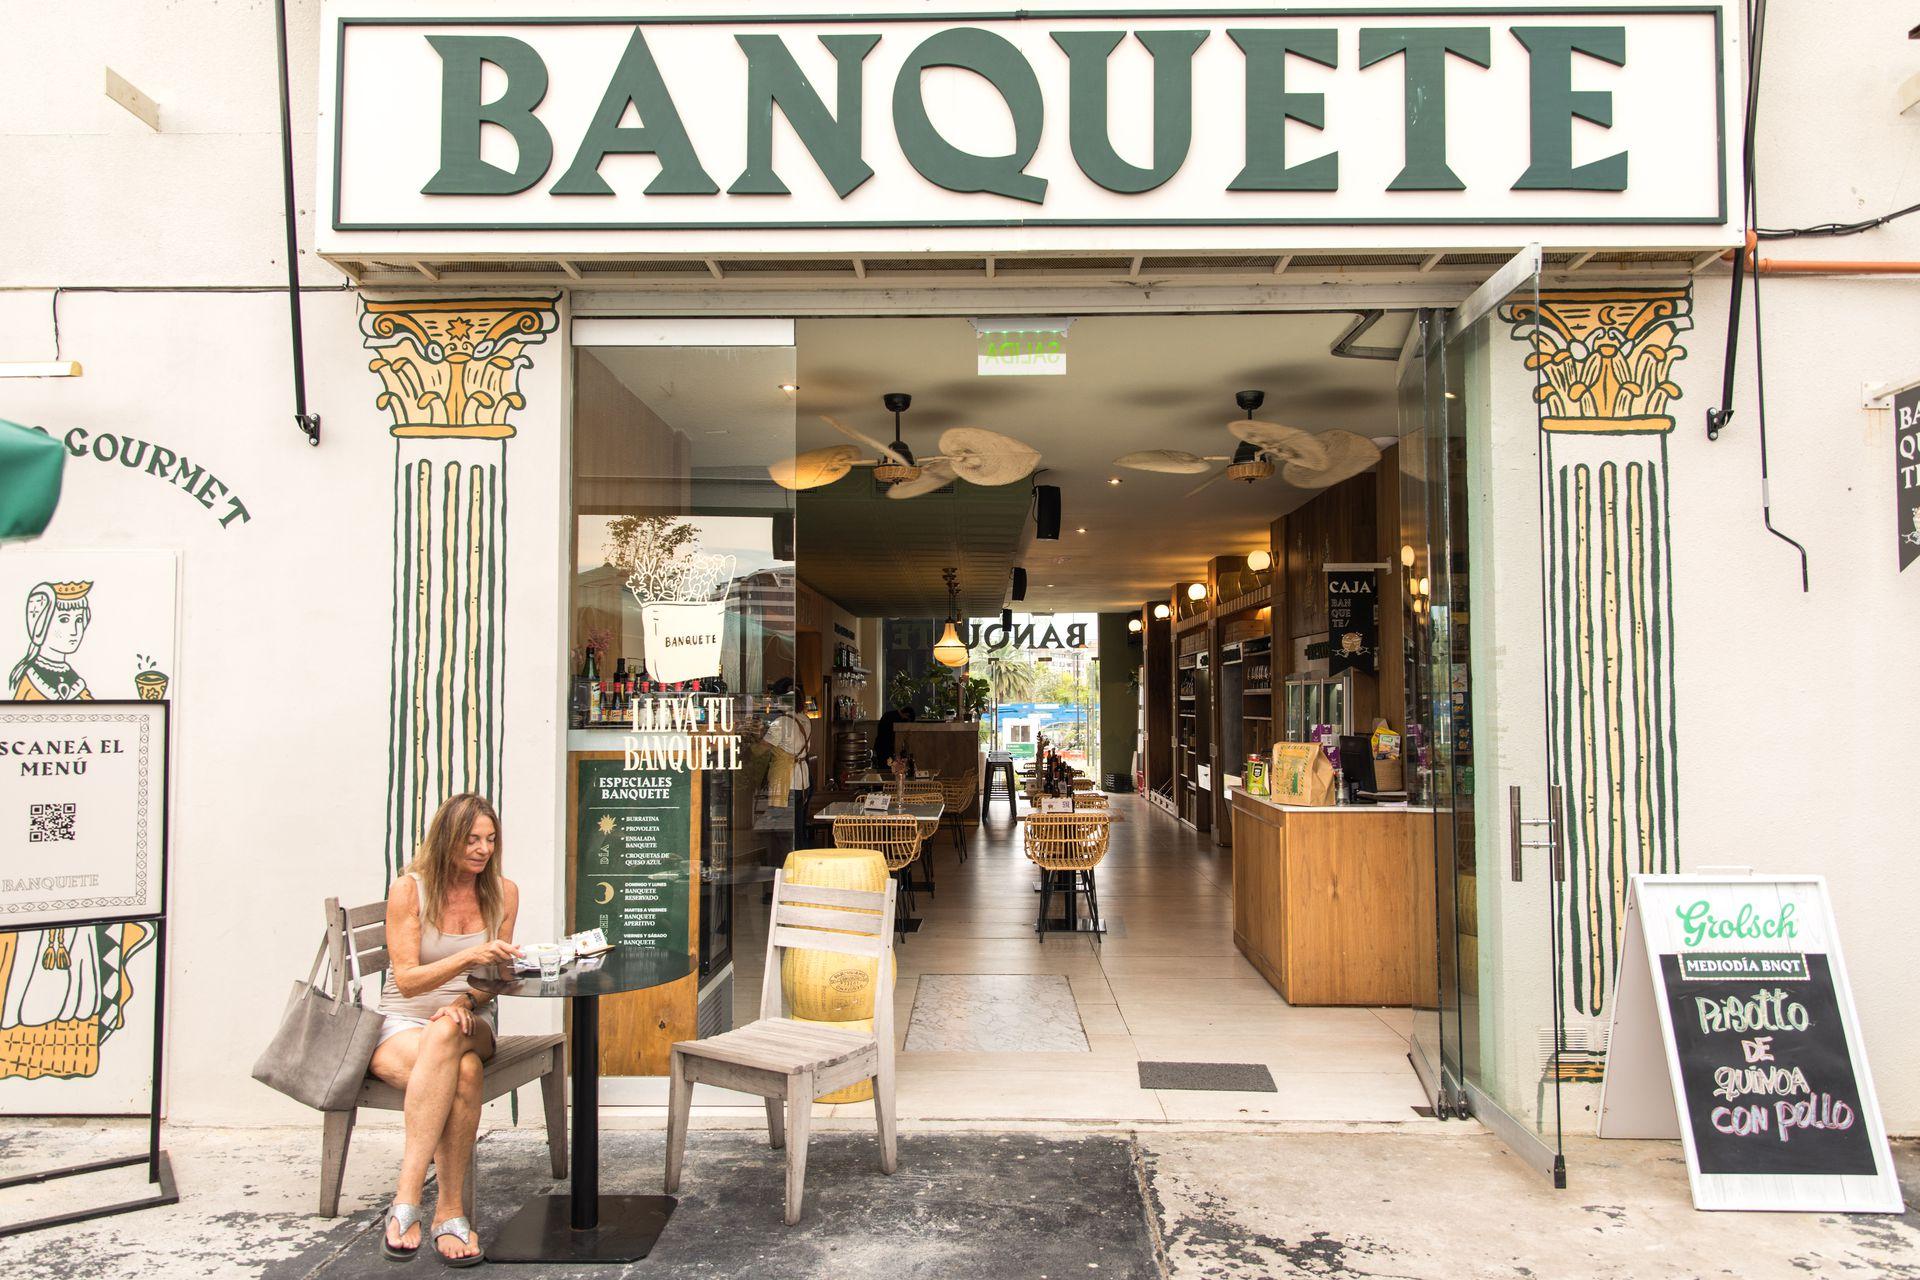 Arrancó en 2020 como mercado gourmet y se transformó en restaurante y vinoteca.